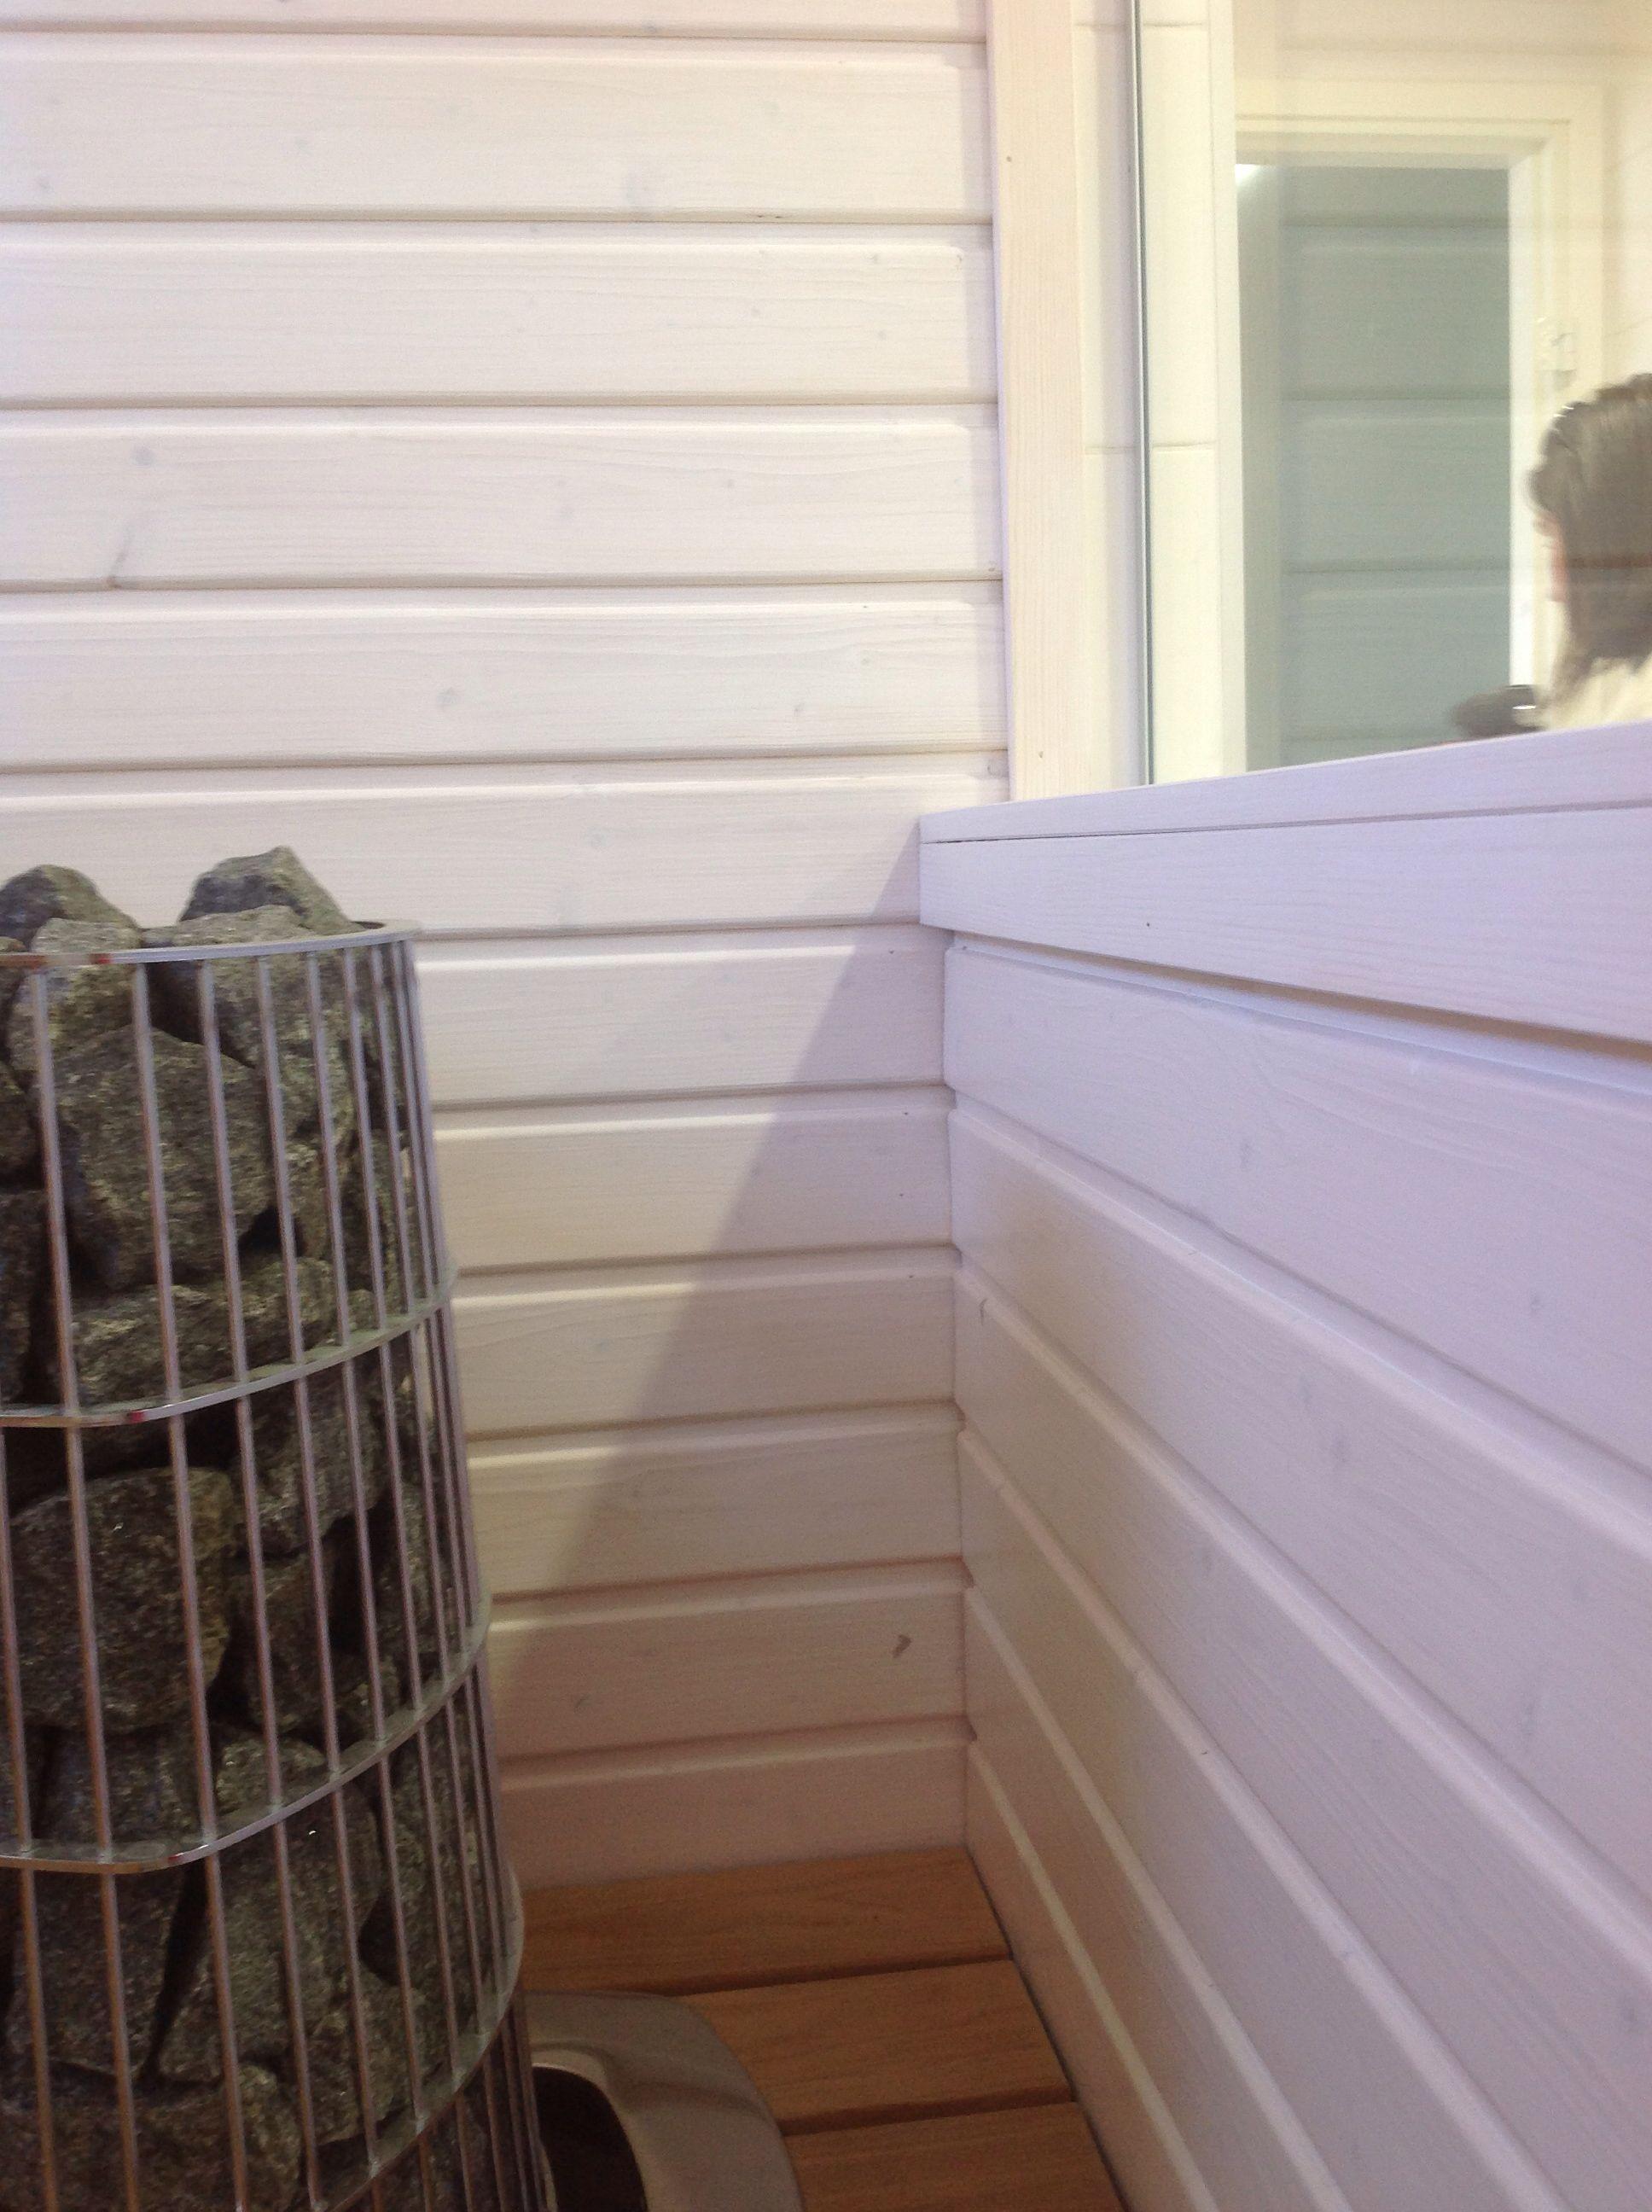 Vaikoinen sauna, kiuas upotettu. Useissa kohteissa lasiseinä kylpyhuoneeseen.